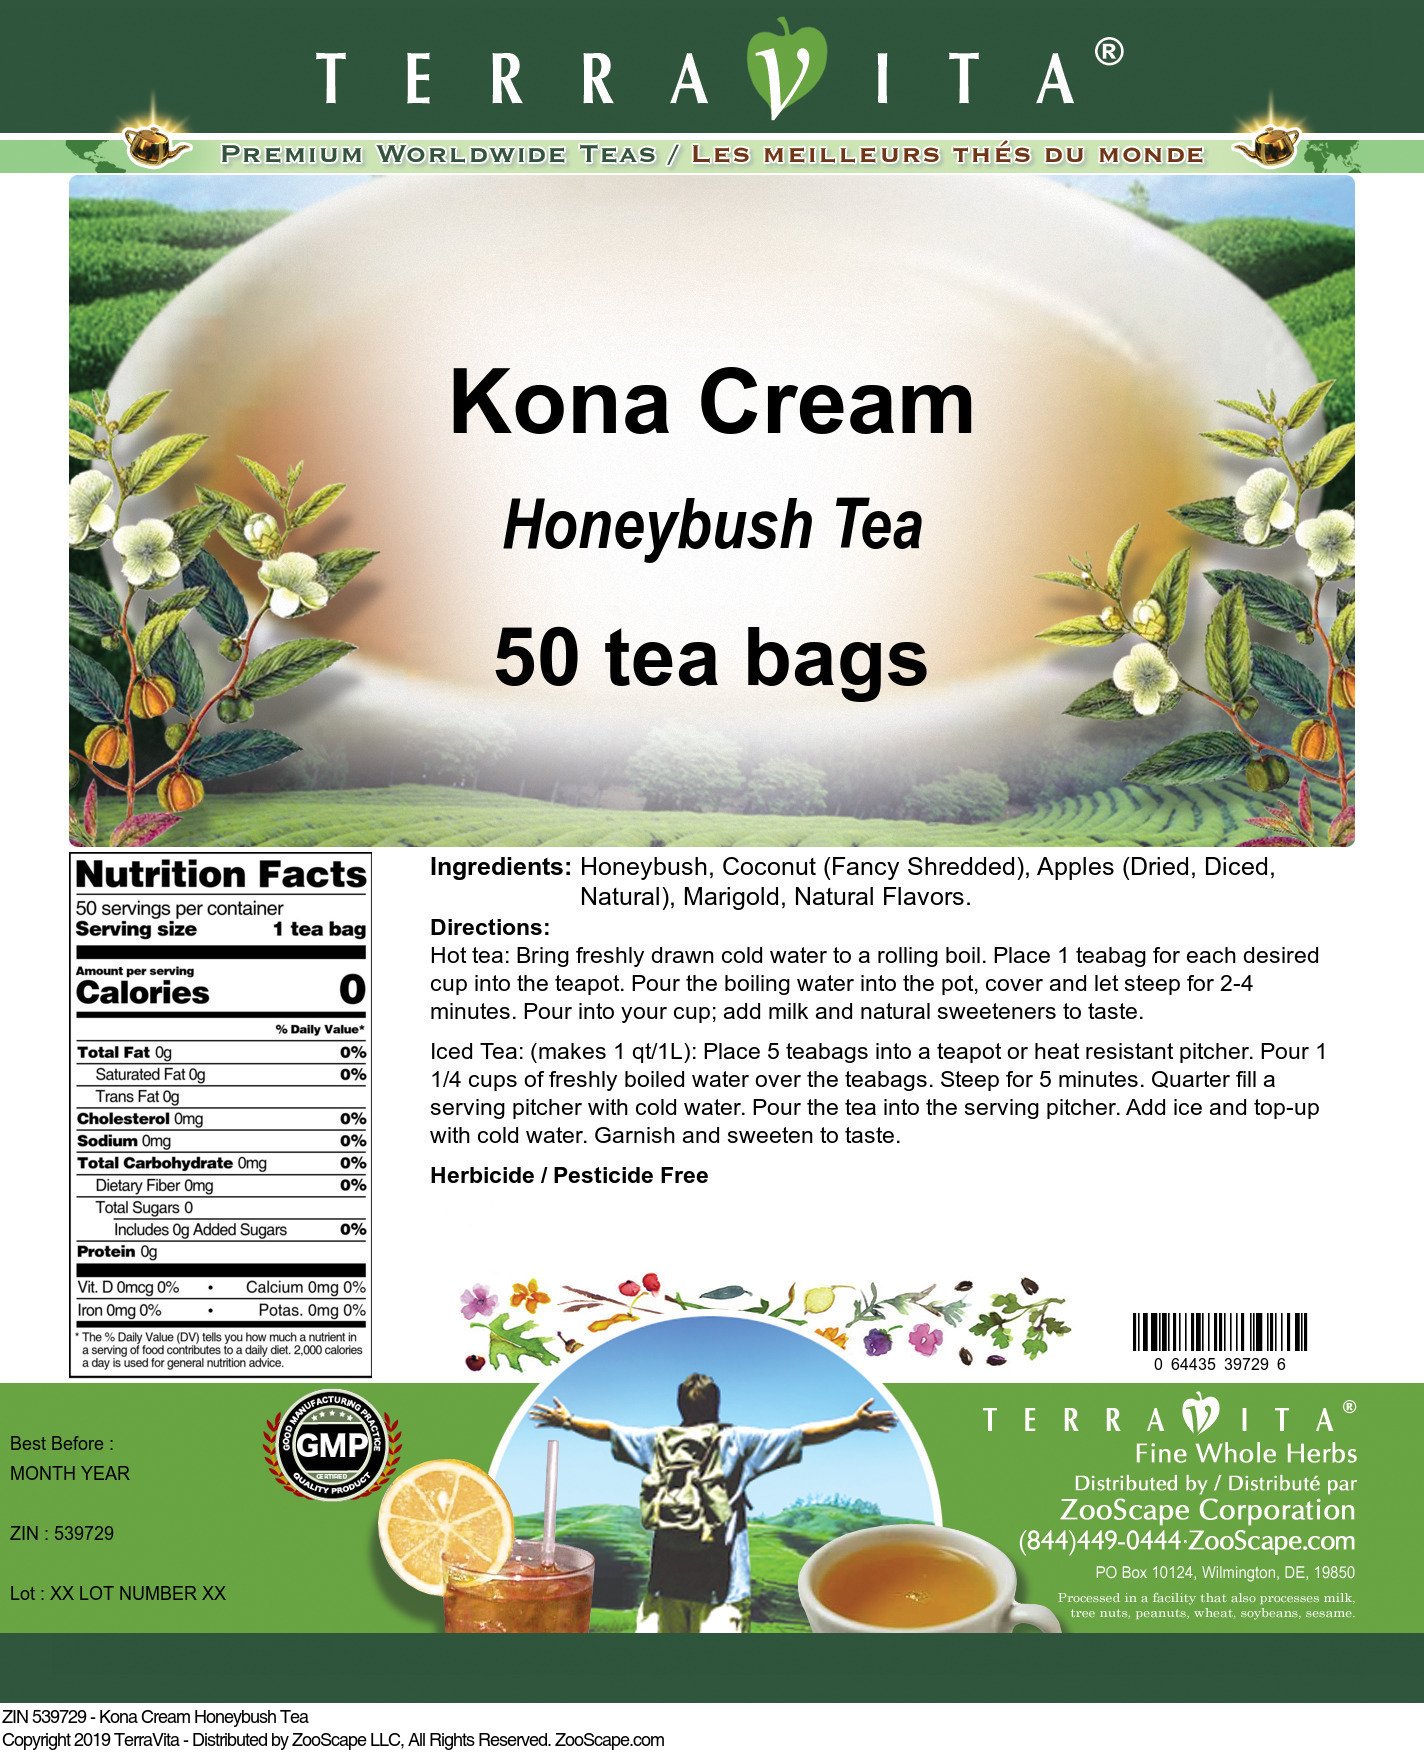 Kona Cream Honeybush Tea